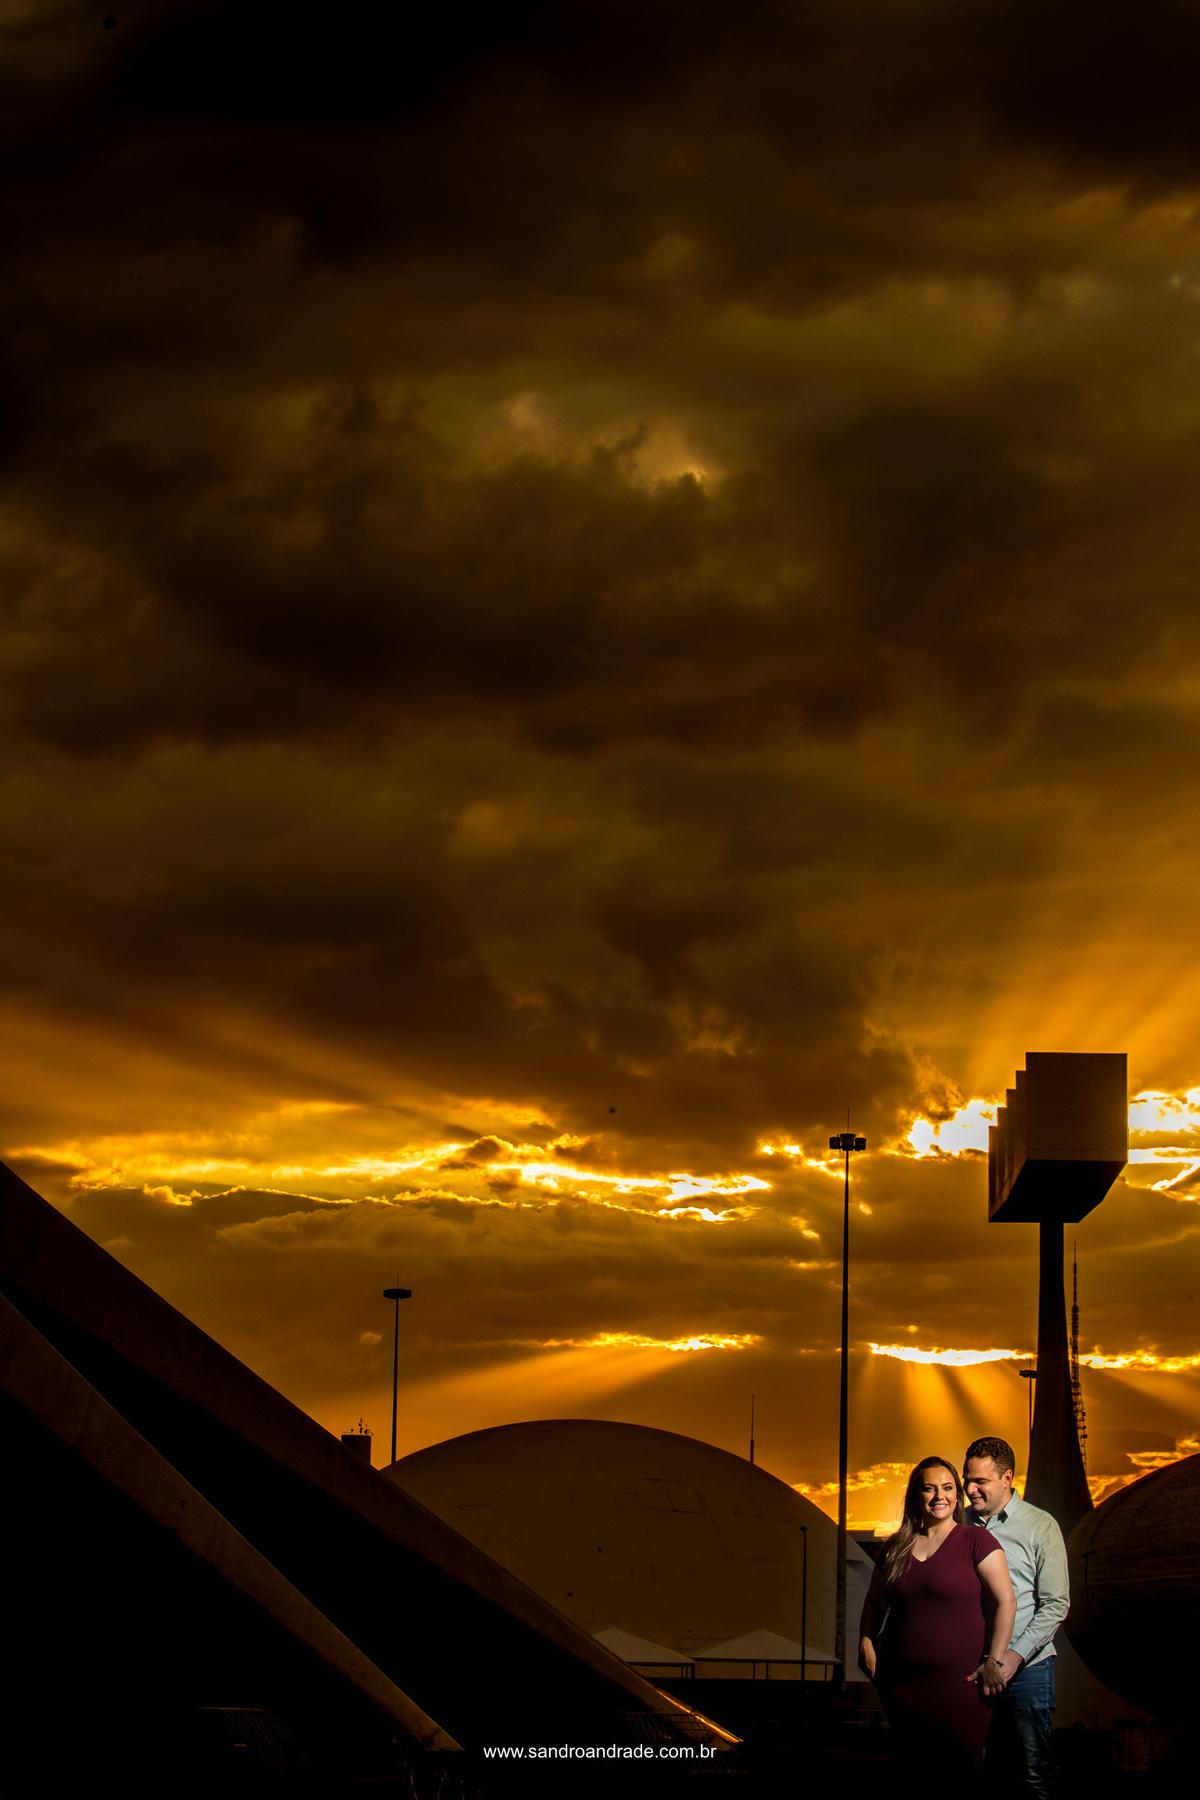 Ainda no por-do-sol eles sorriem e agradecem a Deus pelo céu maravilhoso contemplado nesta fotografia.